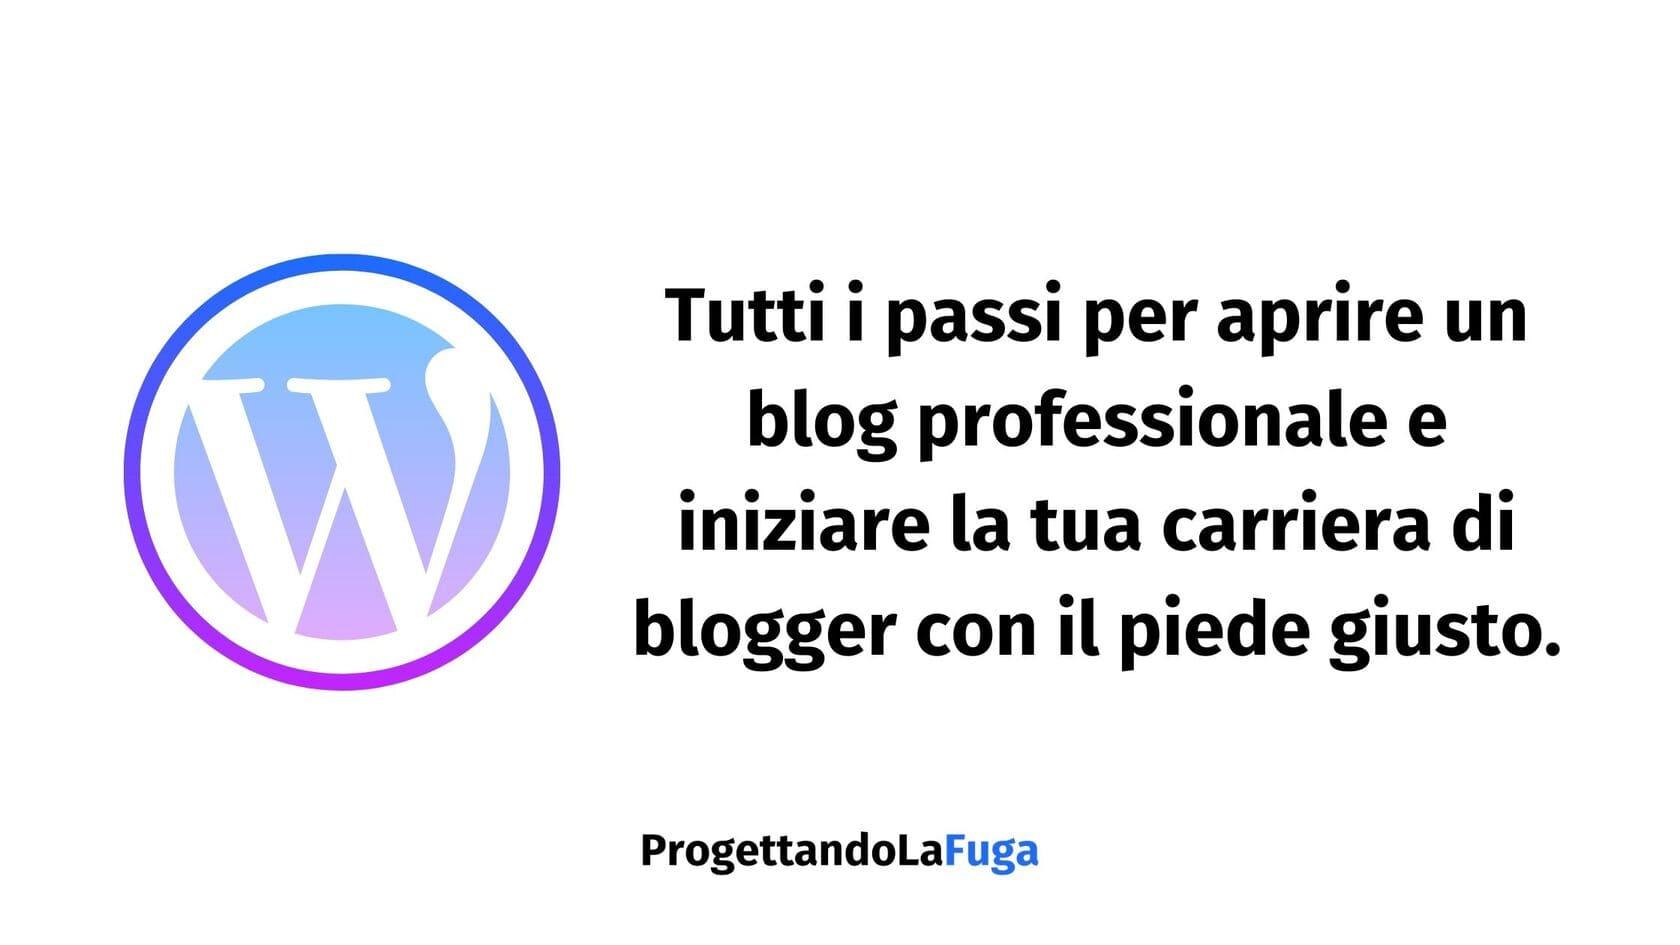 aprire un blog professionale per diventare blogger